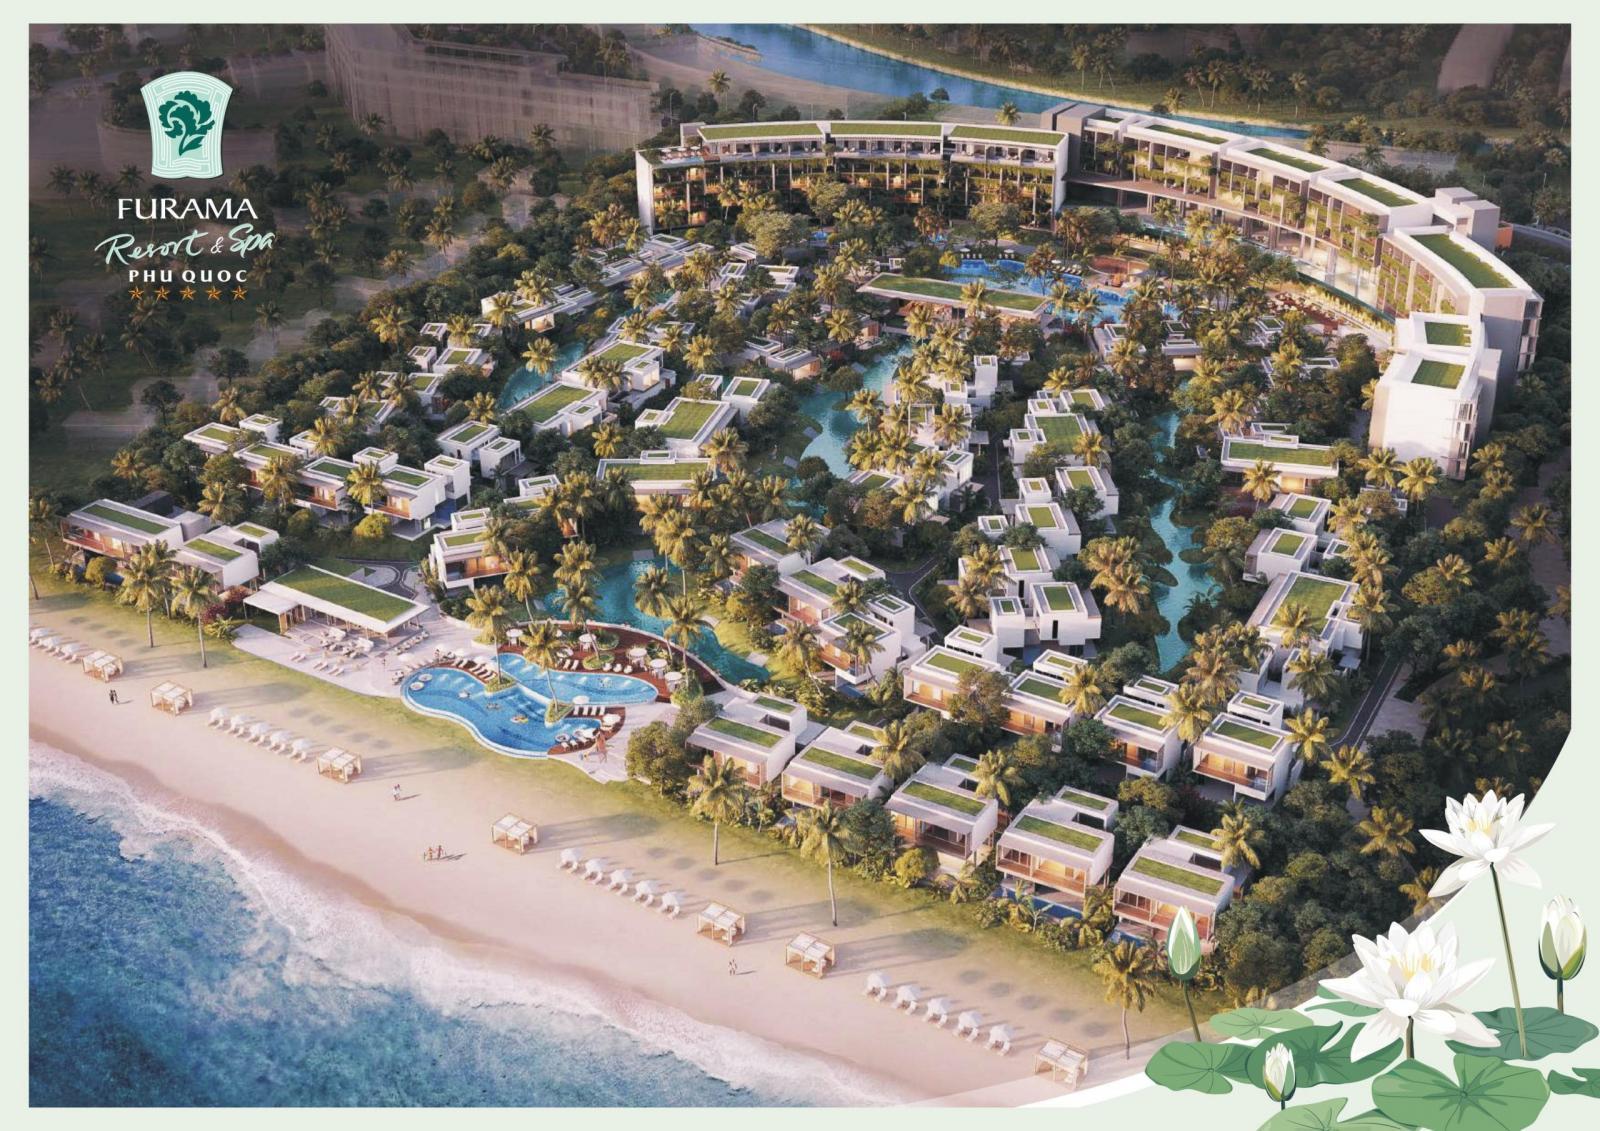 Phối cảnh tổng thể dự án Furama Resort & Spa Phú Quốc